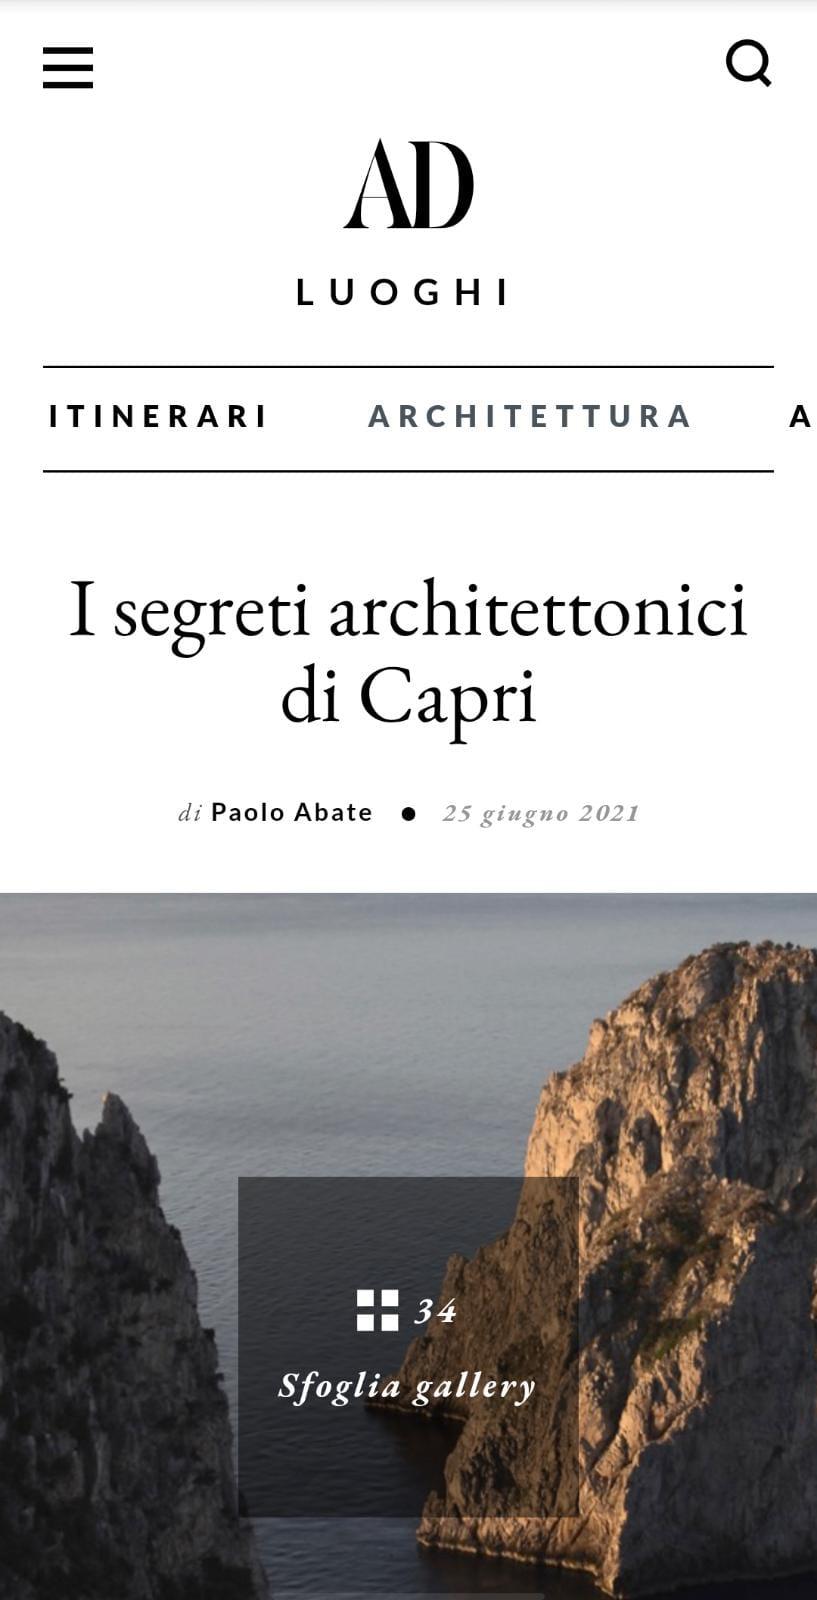 MANFREDI FINE HOTELS COLLECTION – AD ITALIA – GIUGNO 2021